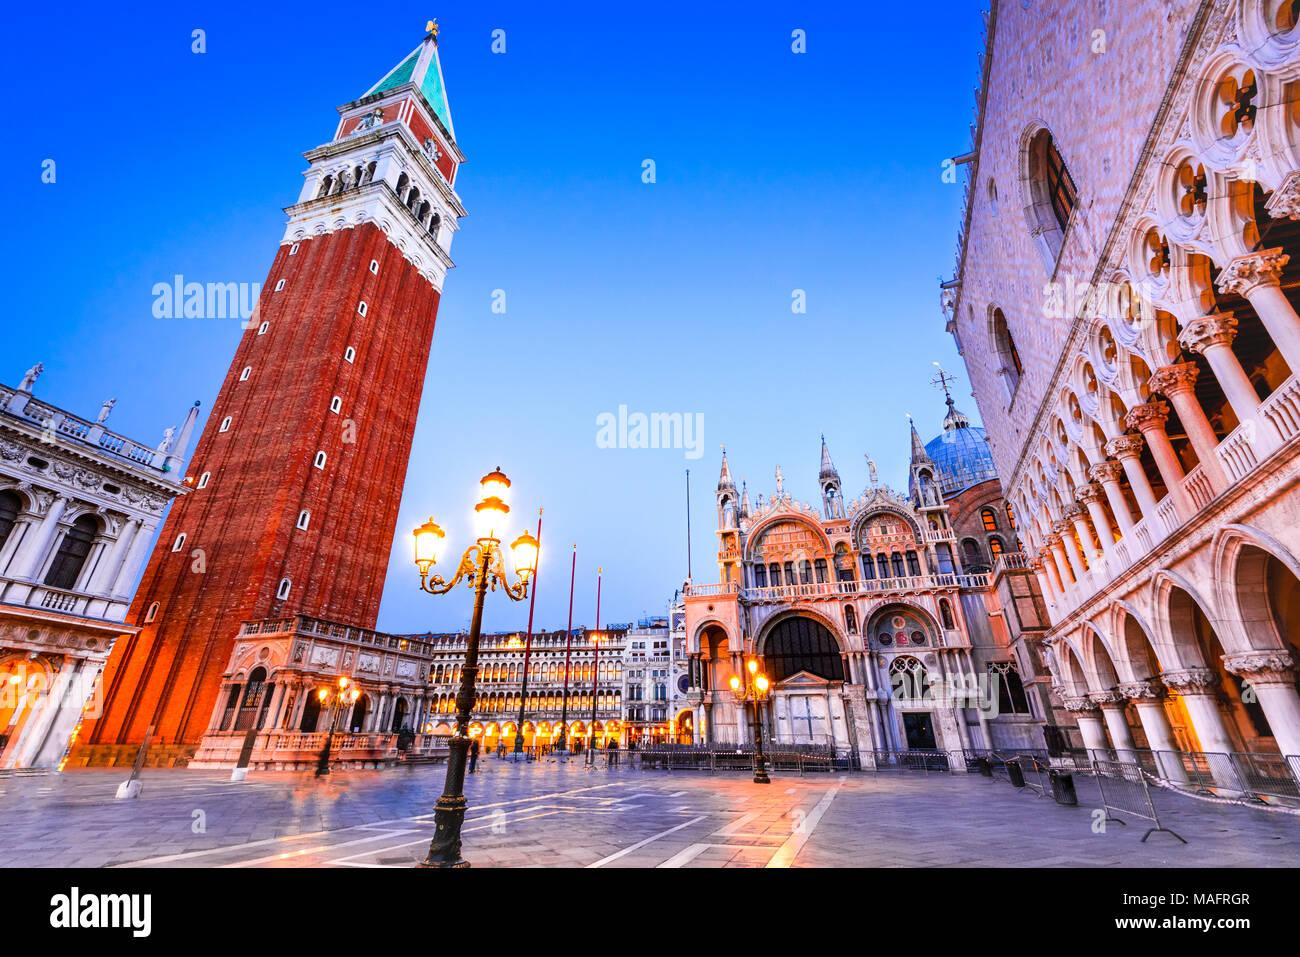 Venecia, Italia. Impresionante luz crepuscular con el campanile, el Palacio Ducal y la Basílica de San Marcos. Imagen De Stock